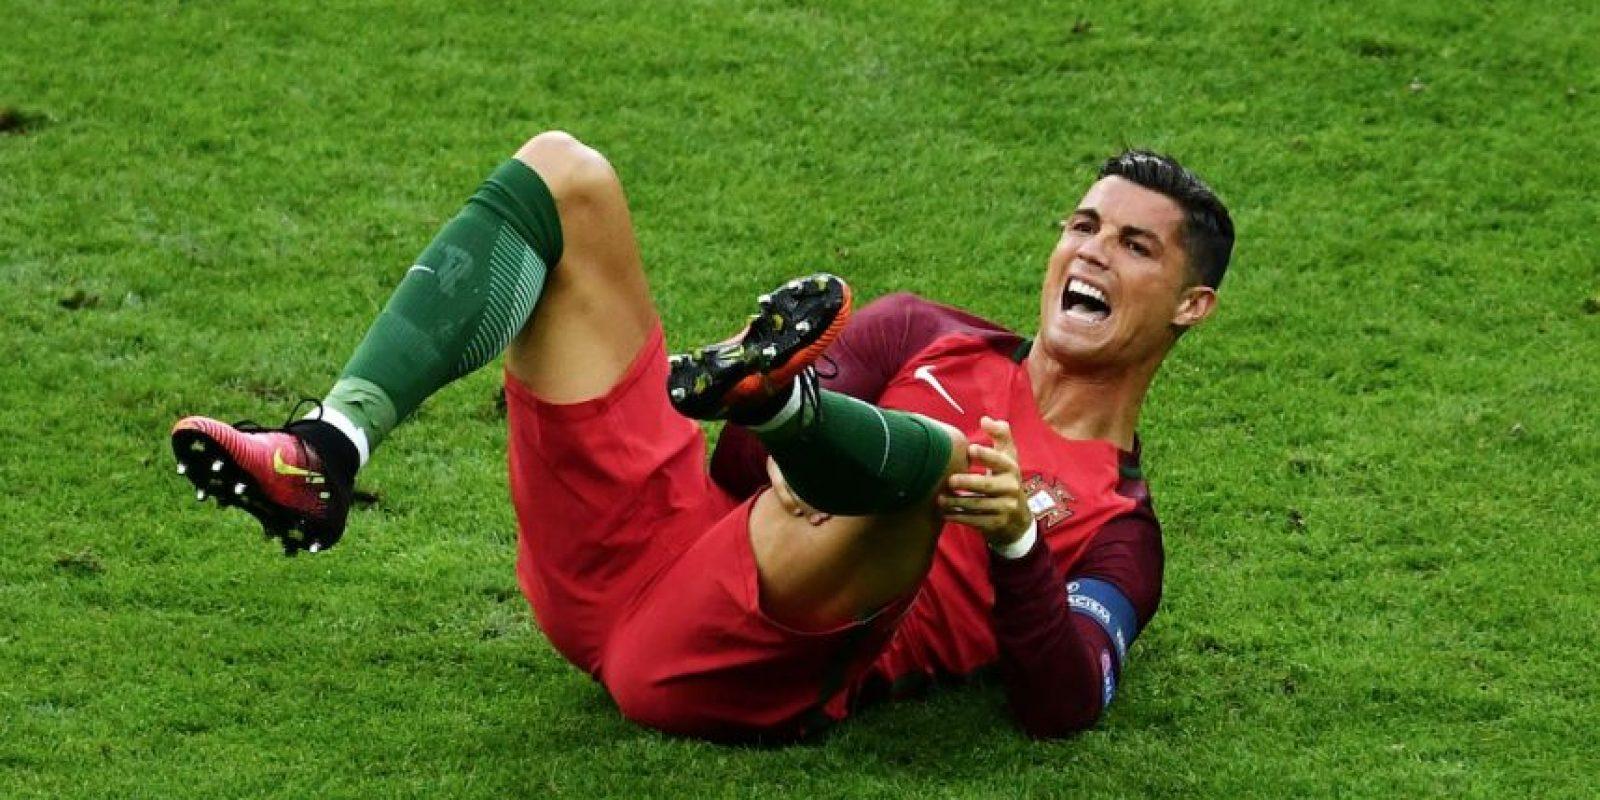 Cristiano Ronaldo salió del partido final de la Euro tras chocar rodillas con el francés Dmitri Payet. Foto:Getty Images. Imagen Por: